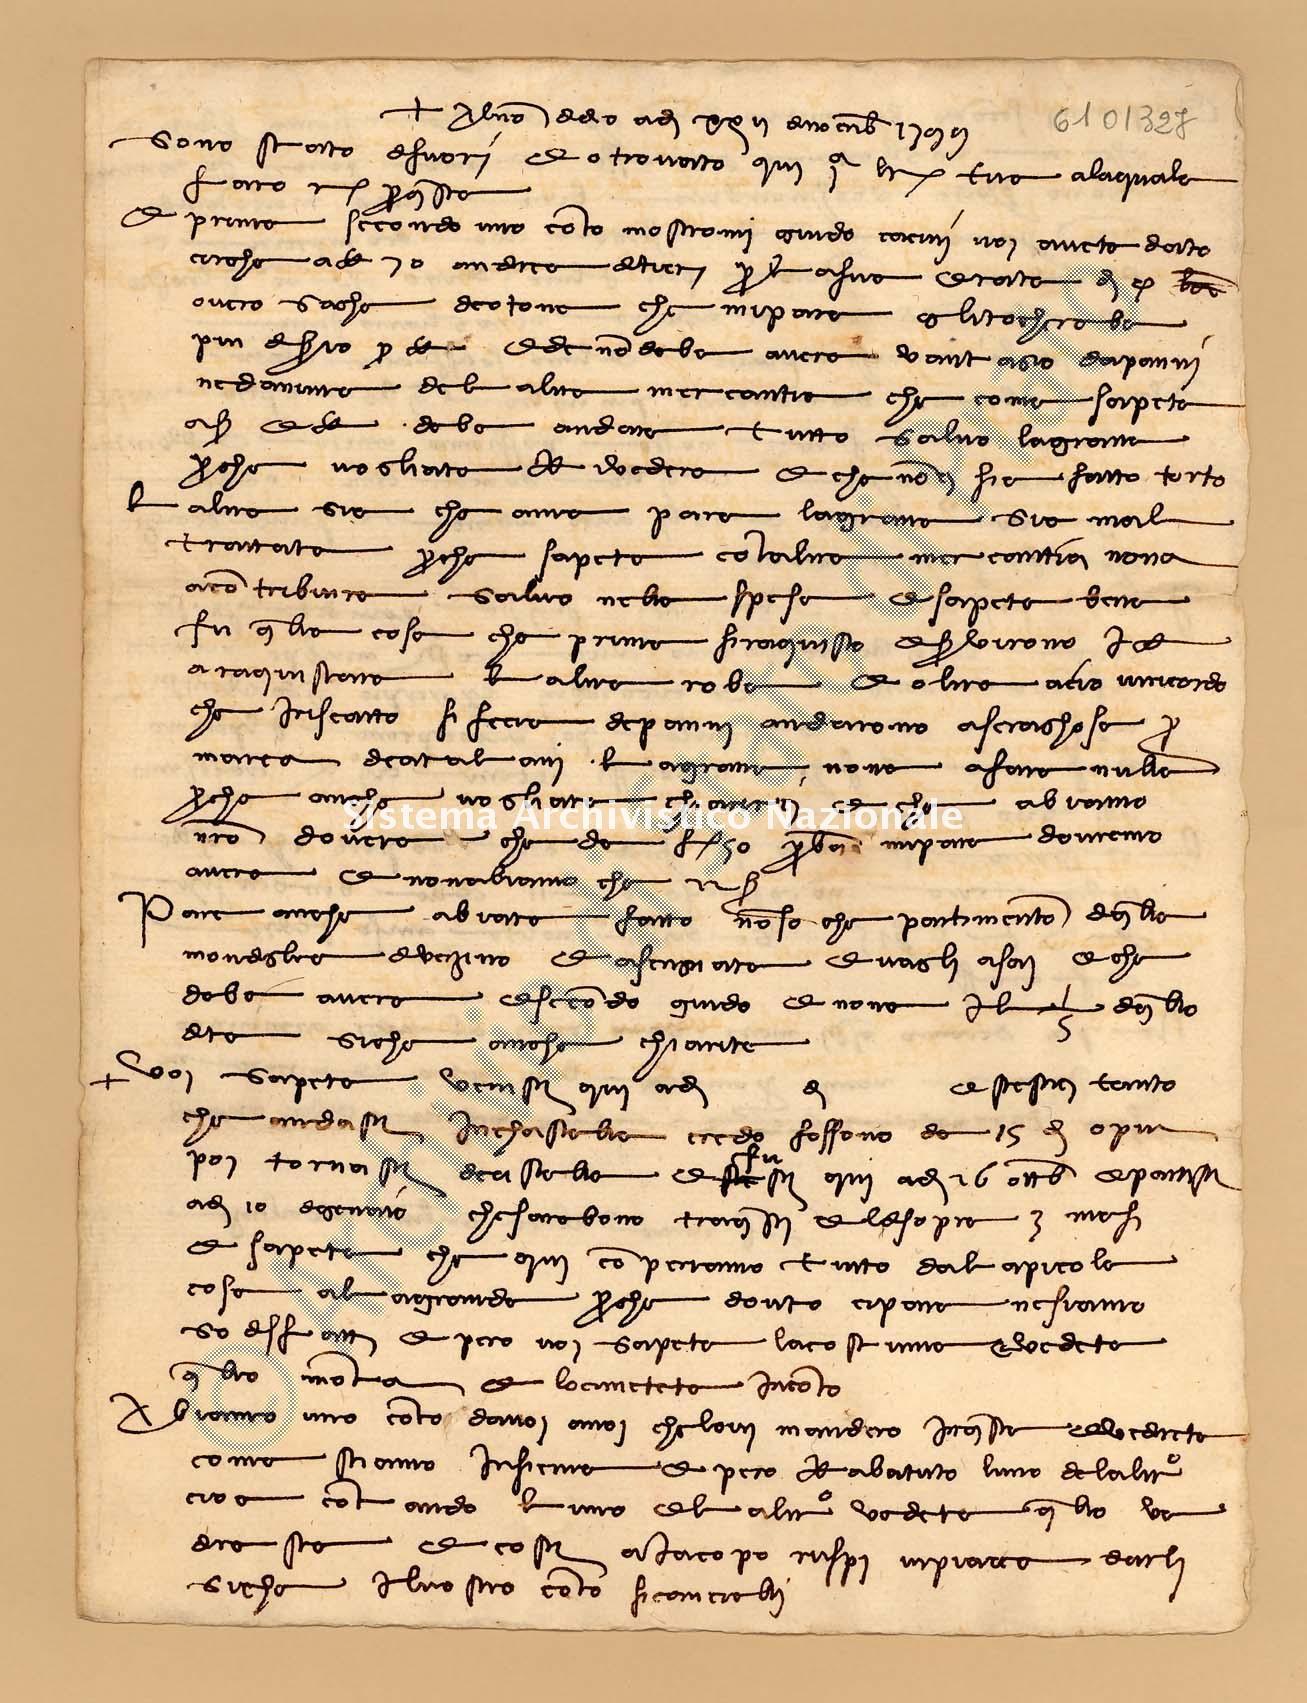 Archivio di Stato di Prato, Fondo Datini, Appendice al carteggio, 1116.162 Lettere Di Datini Francesco Di Marco e Luca Del Sera e Comp. a Villanuzzi Baldo (busta 1116, inserto 162, codice 6101327)